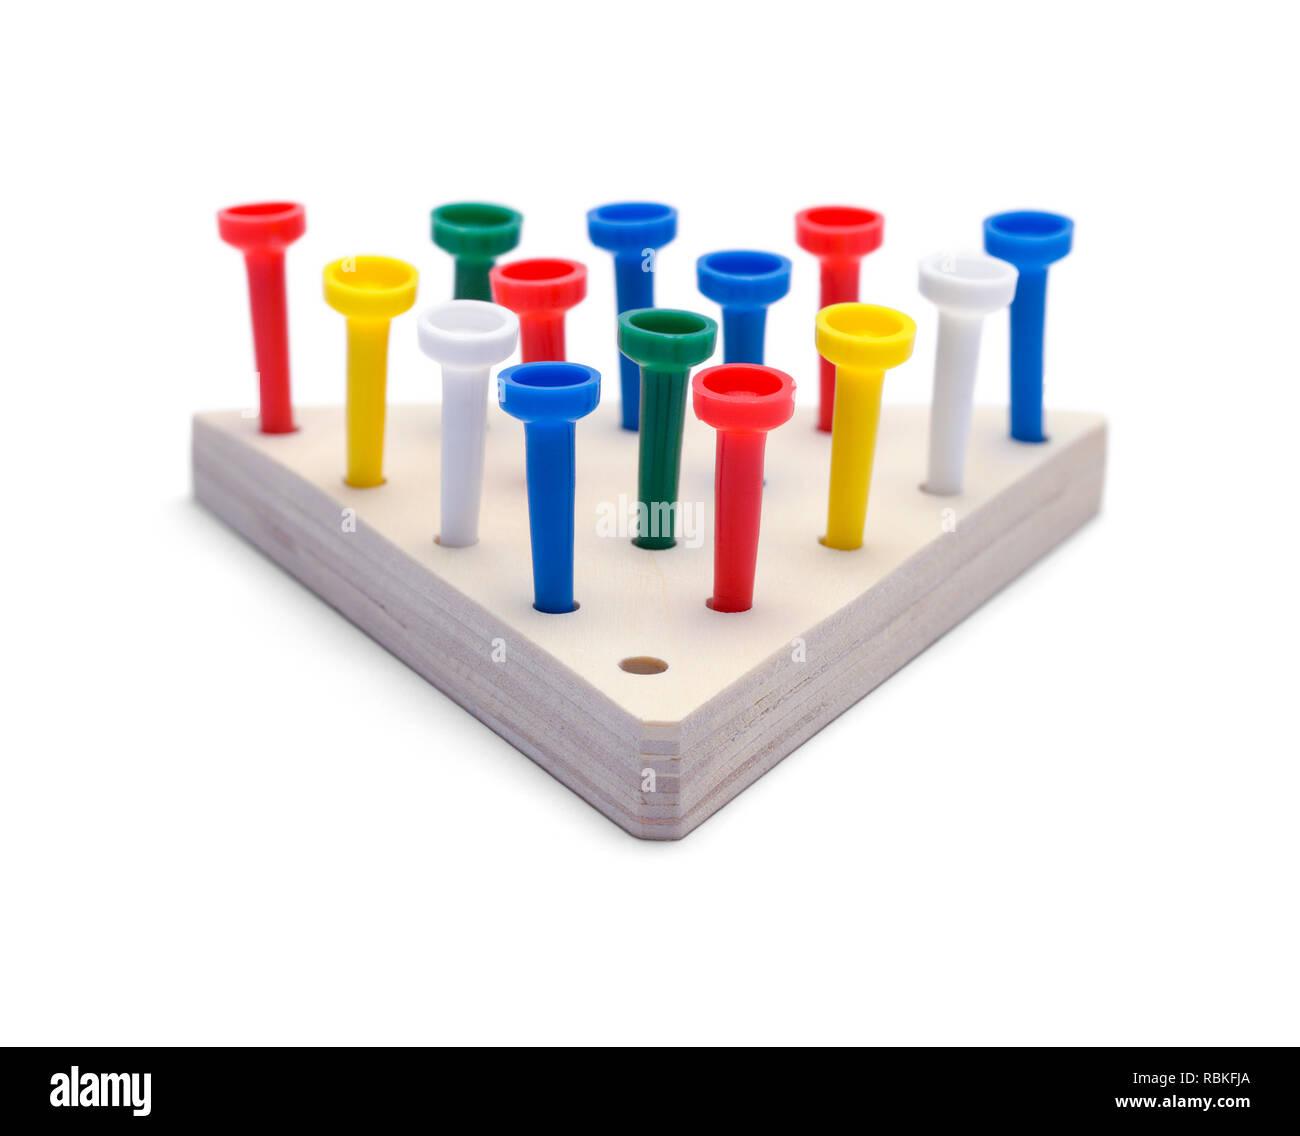 Wood Peg Game Isolated on White Background. - Stock Image